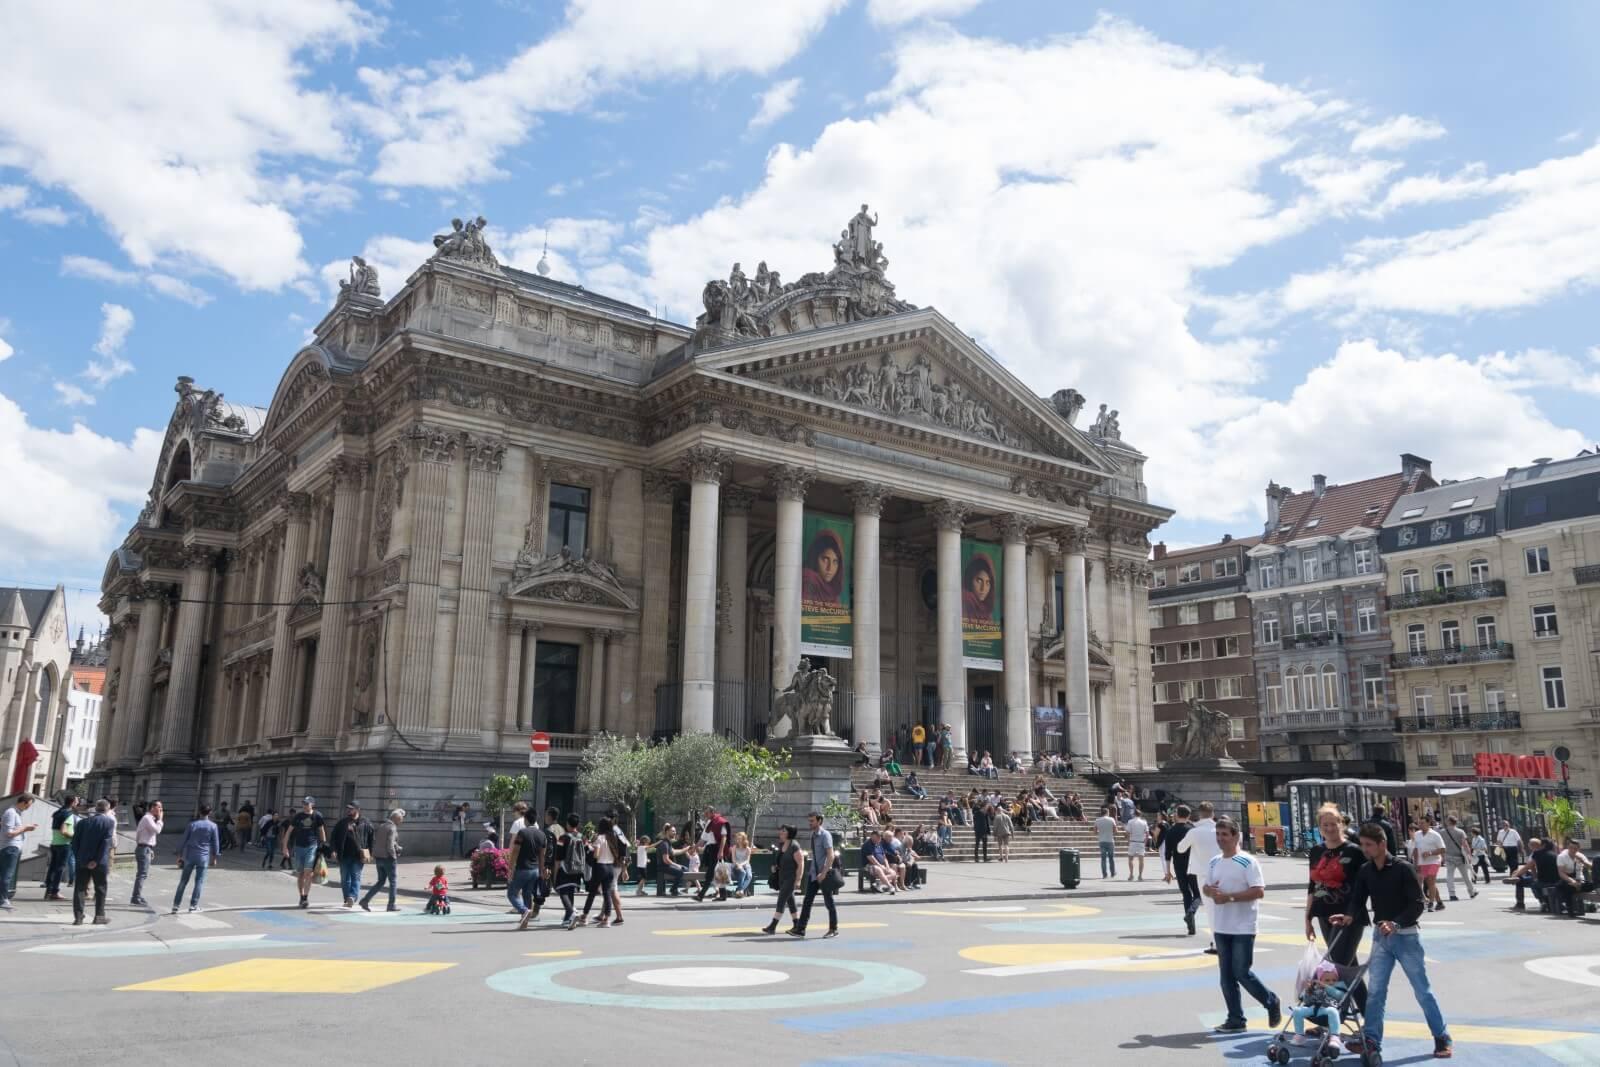 Petites annonces gratuites en Belgique - QuiChercheTrouve